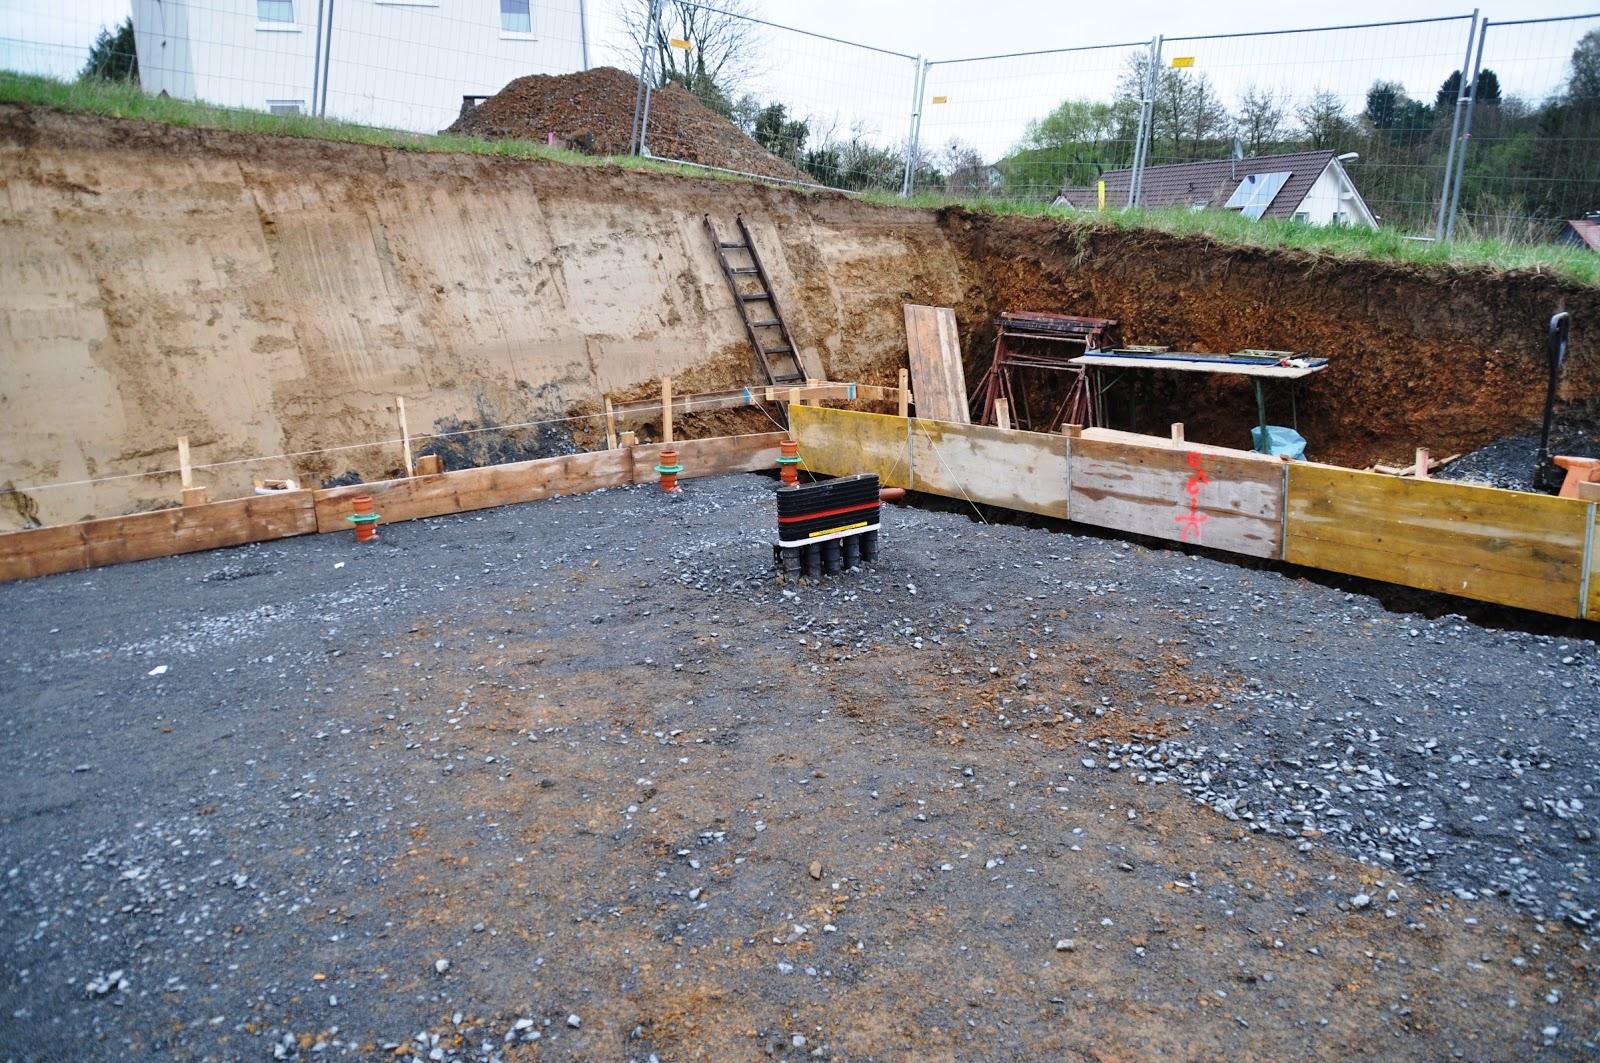 wir bauen ein haus am mühlberg: tag 6 - verlegen der abwasserrohre